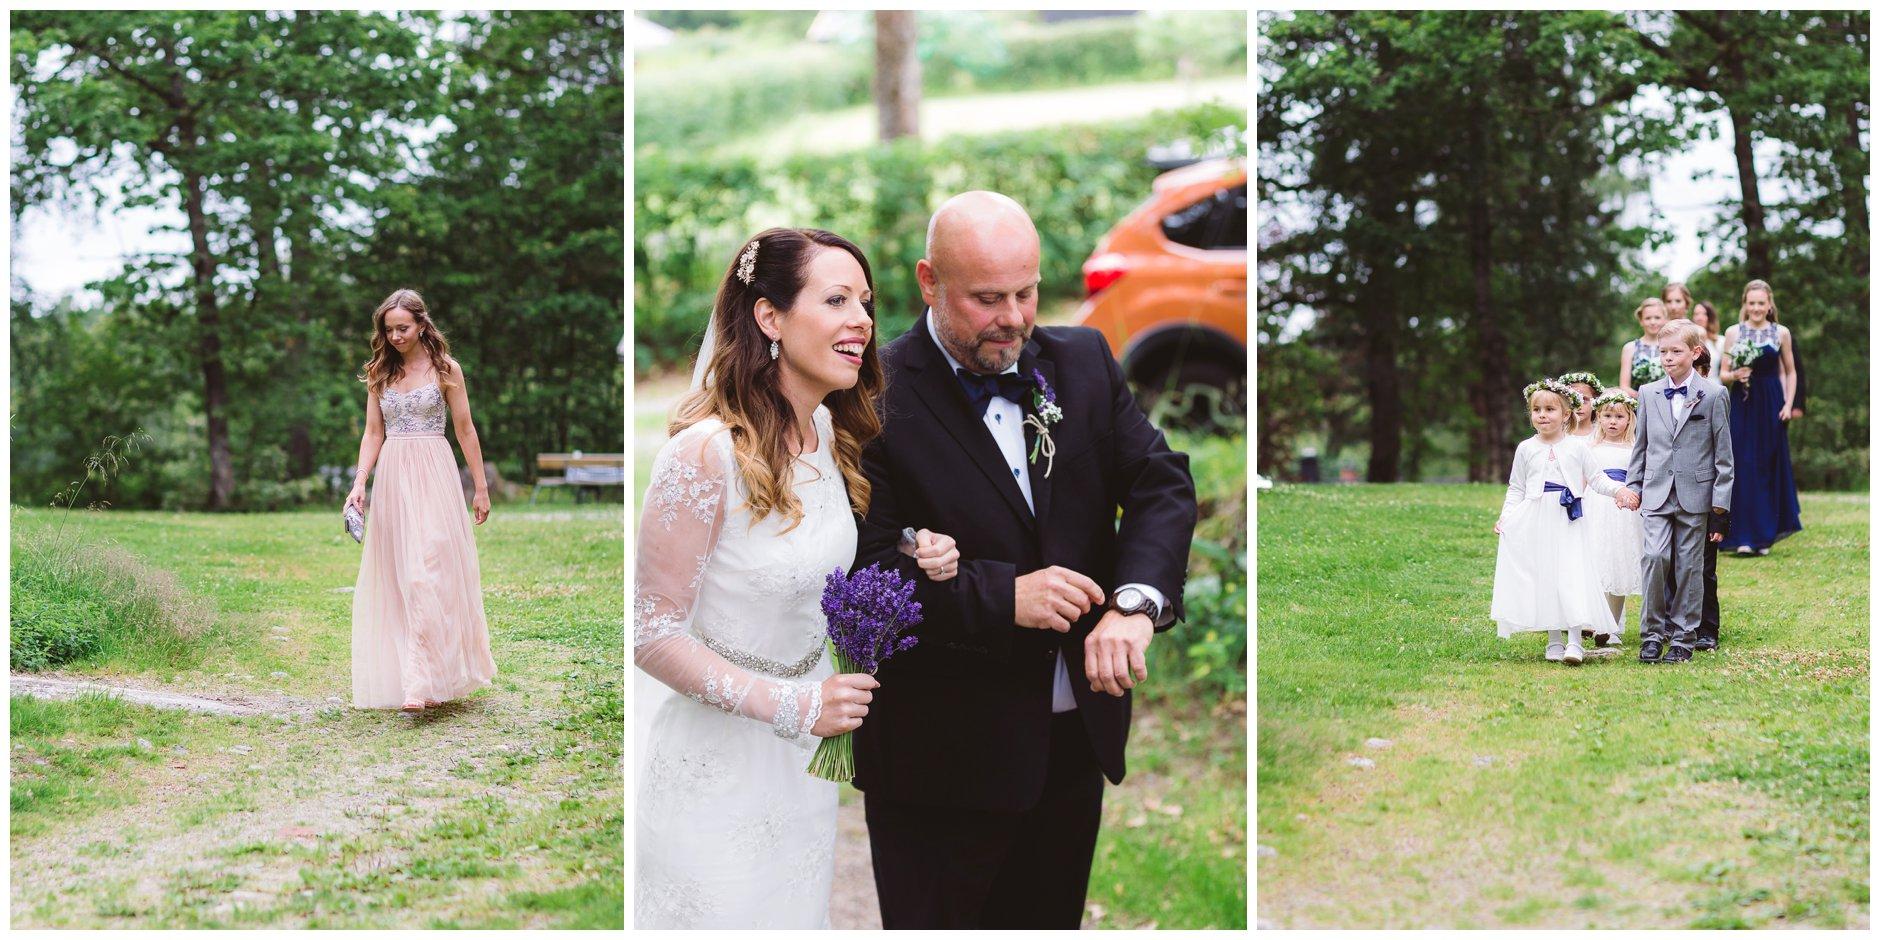 Fotograf-Eline-Jacobine-Bryllup-Glenne-Gård-Glenne-Weddig_0033